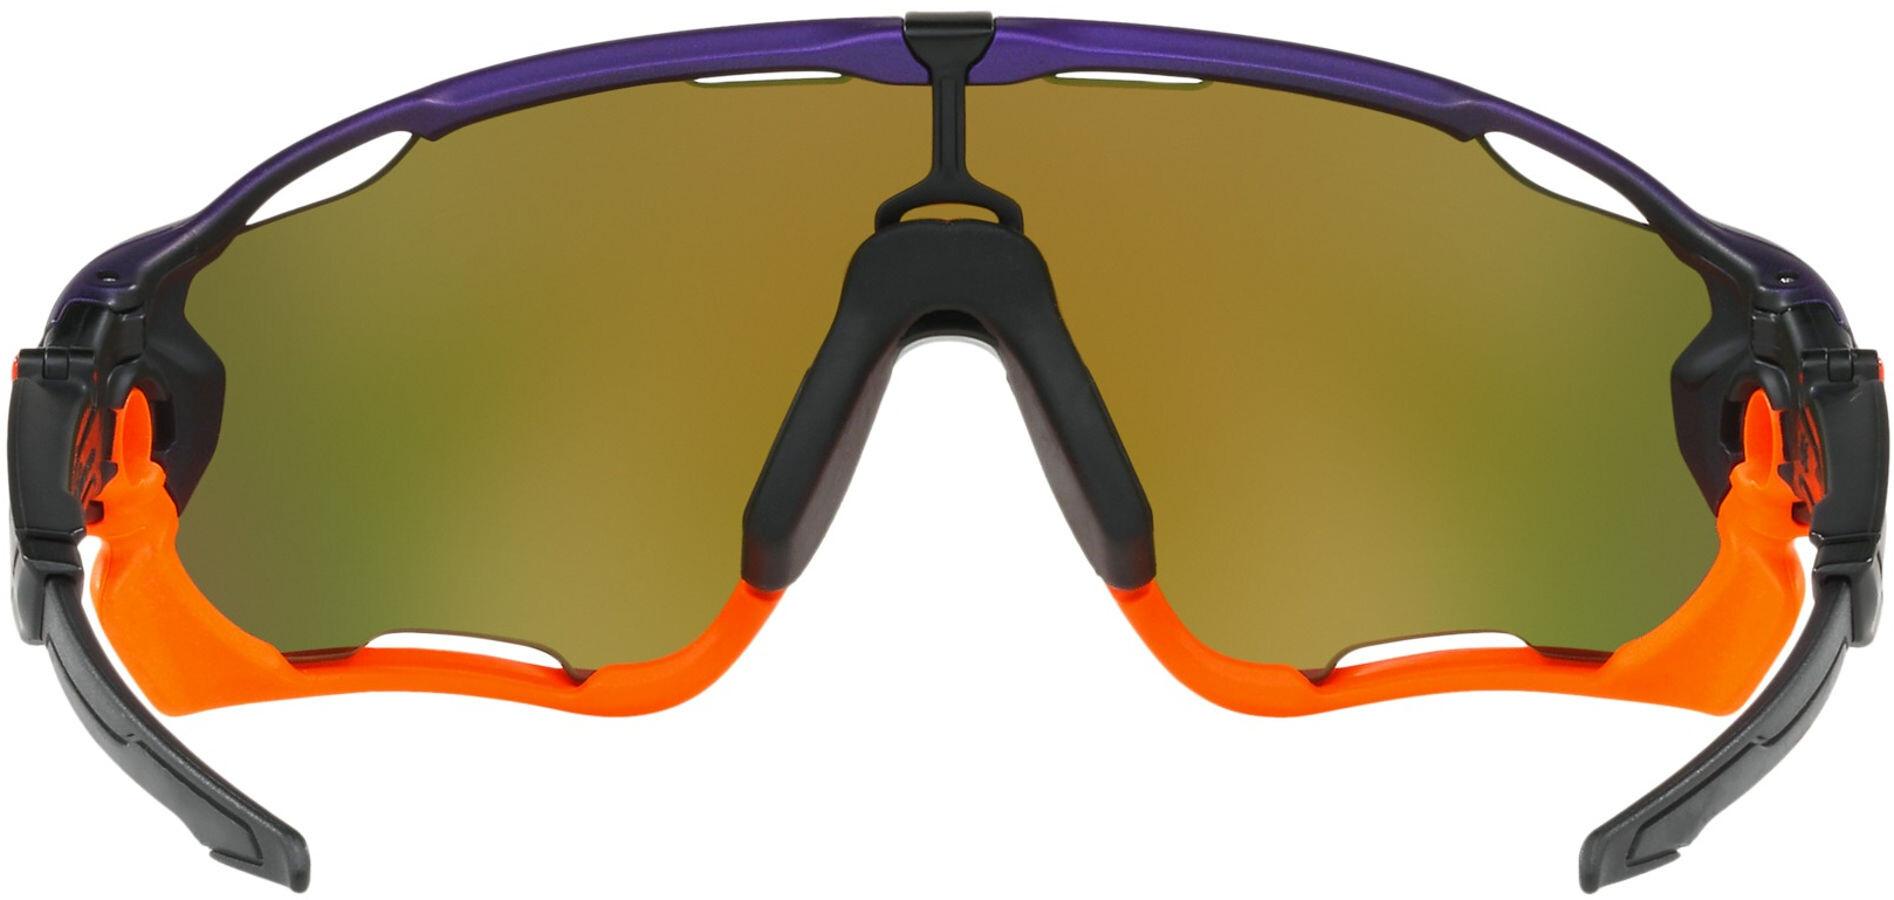 Oakley Jawbreaker Sykkelbriller Orange Svart   Gode tilbud hos ... 4fb1c3623c